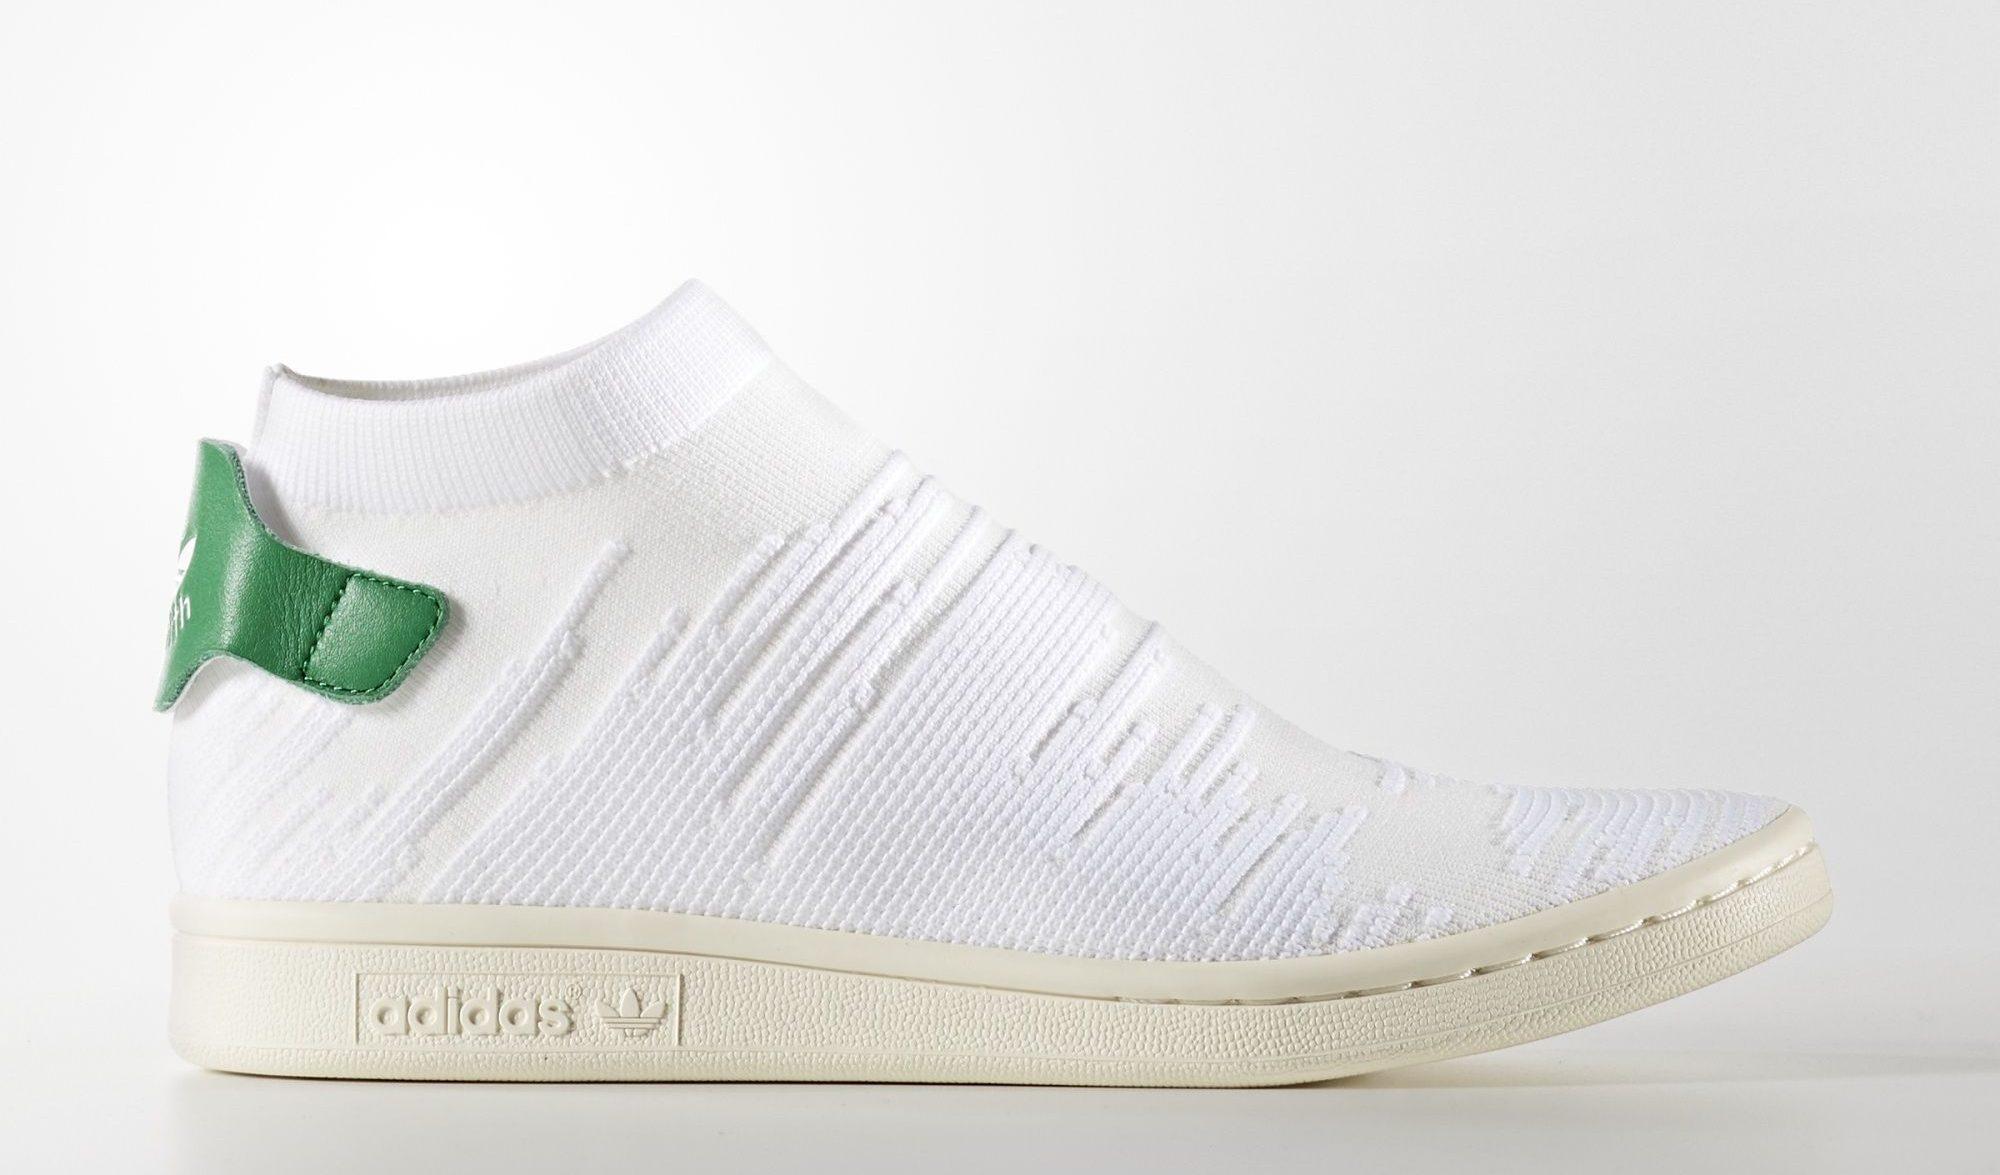 Novo modelo de tênis Stan Smith da Adidas